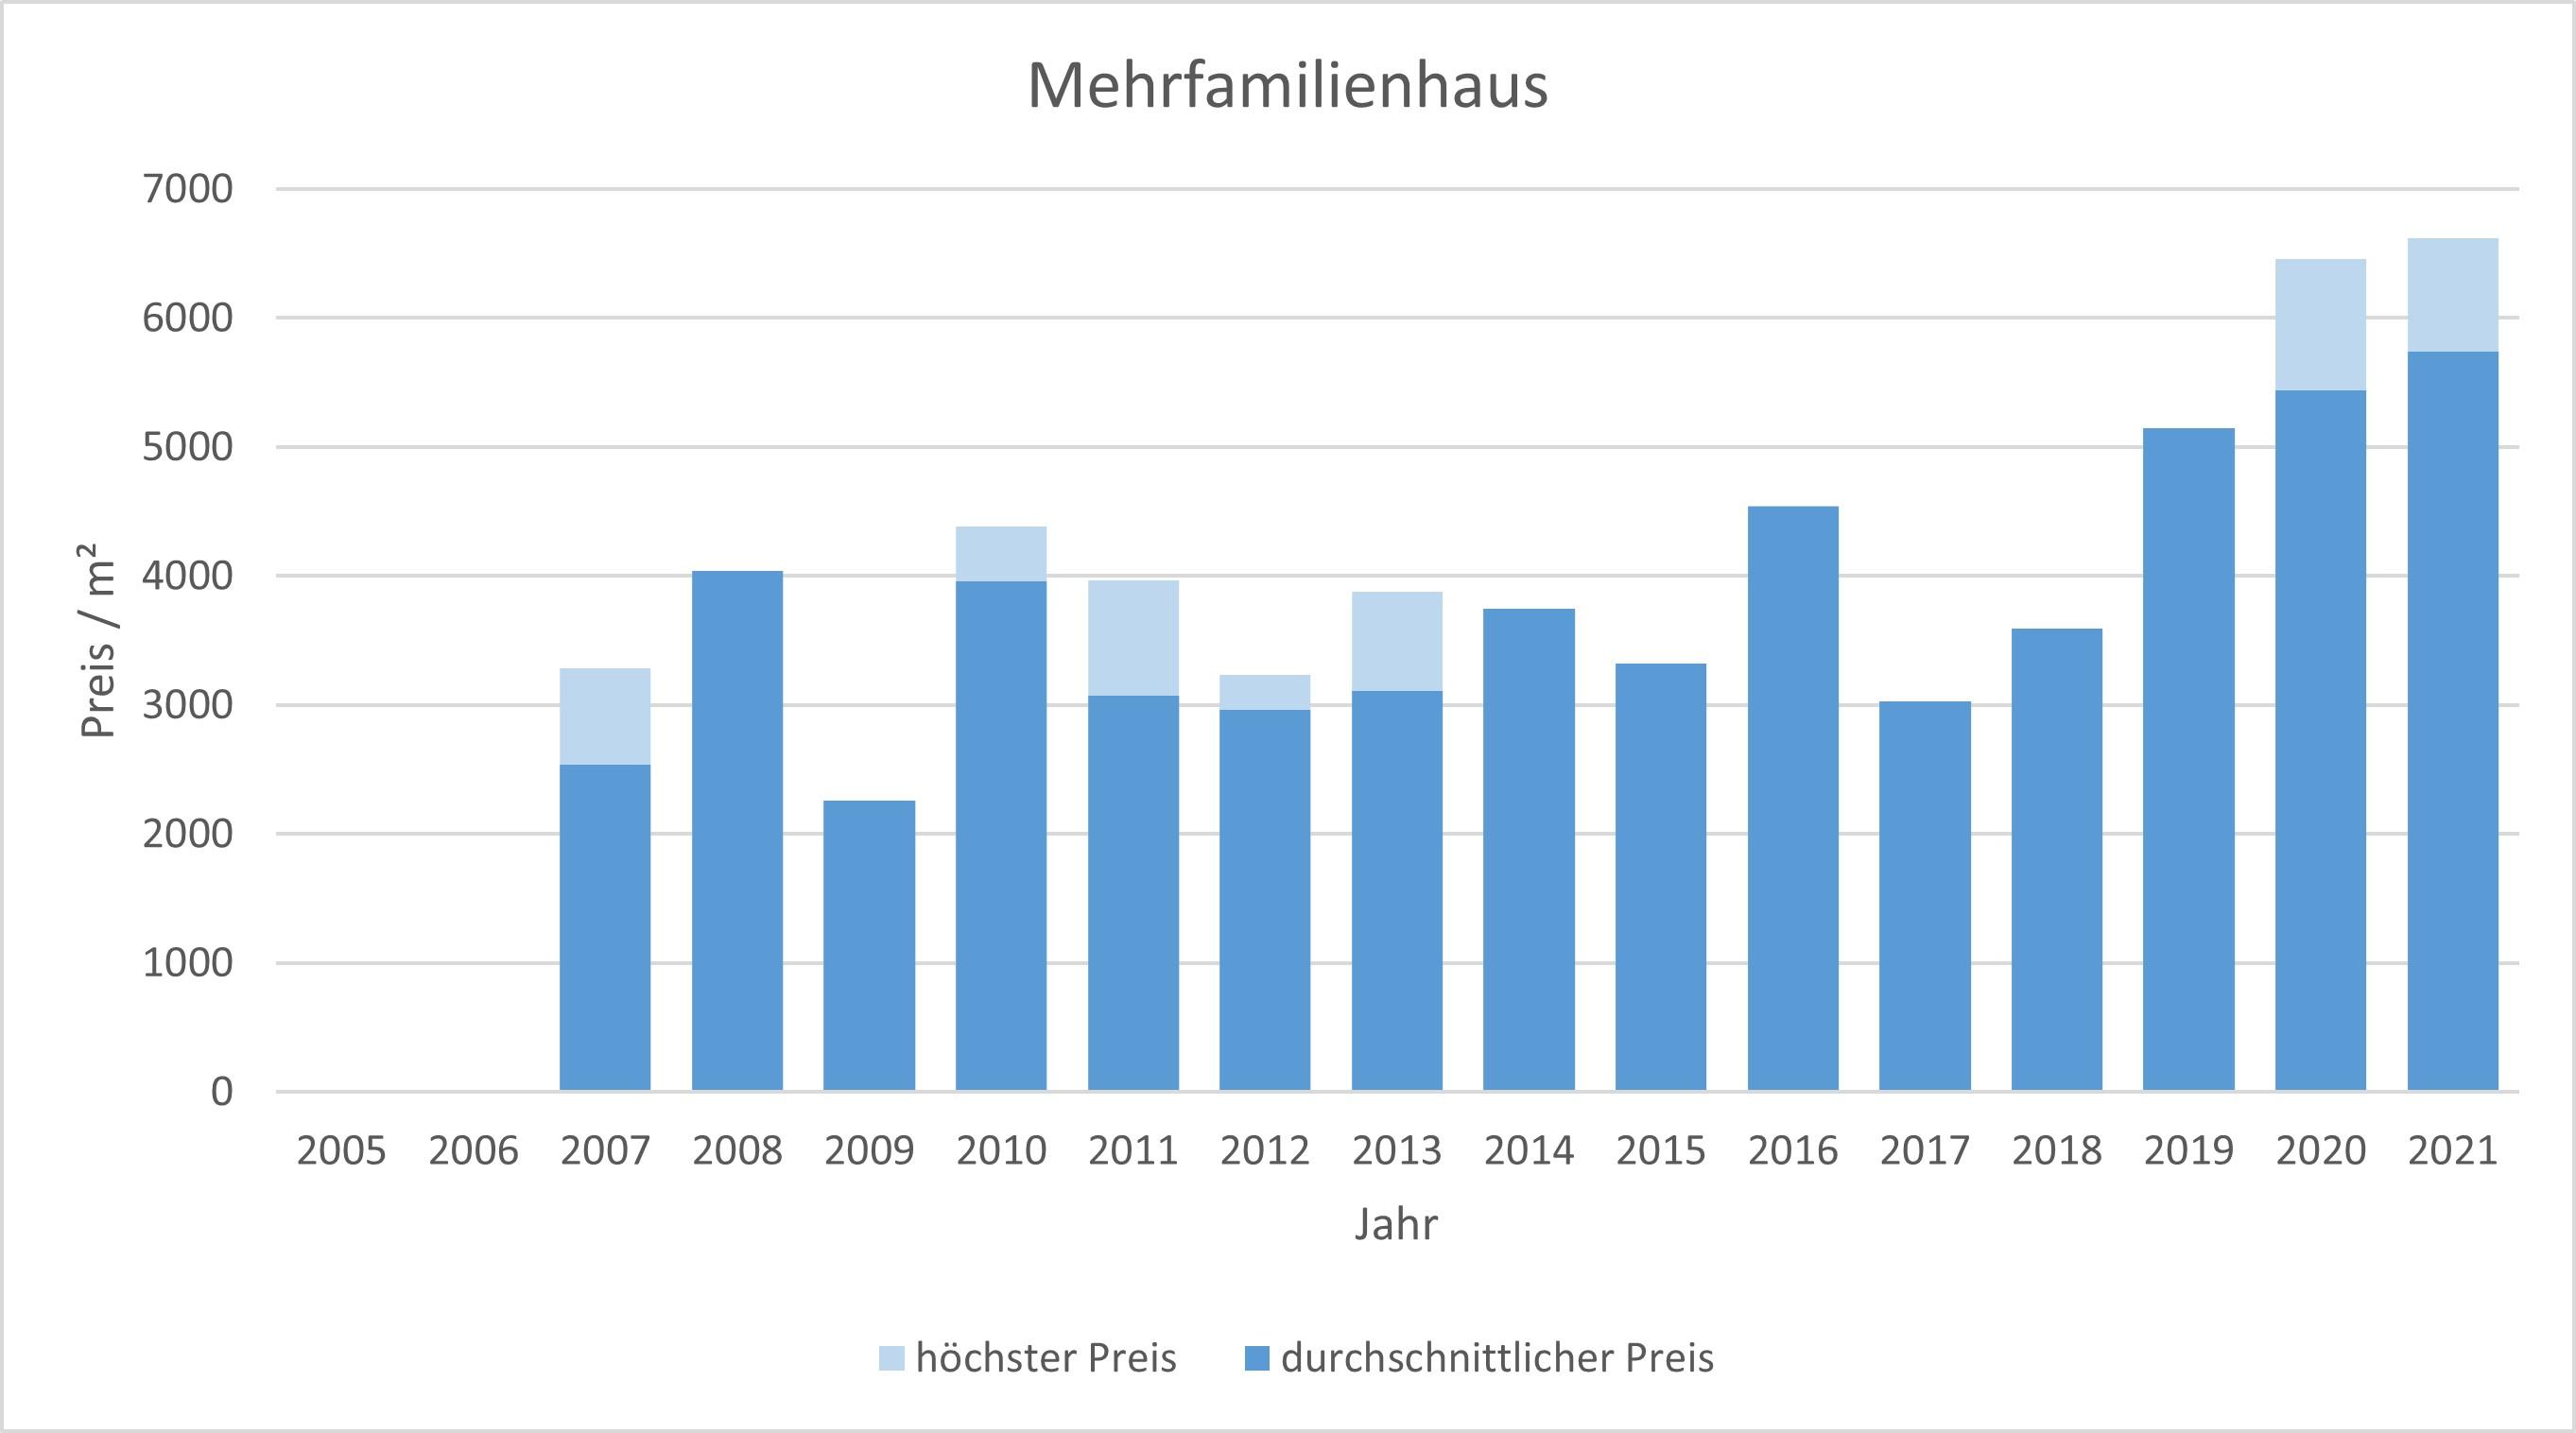 Grasbrunn Mehrfamilienhaus kaufen verkaufen Preis Bewertung Makler 2019 2020 2021  www.happy-immo.de